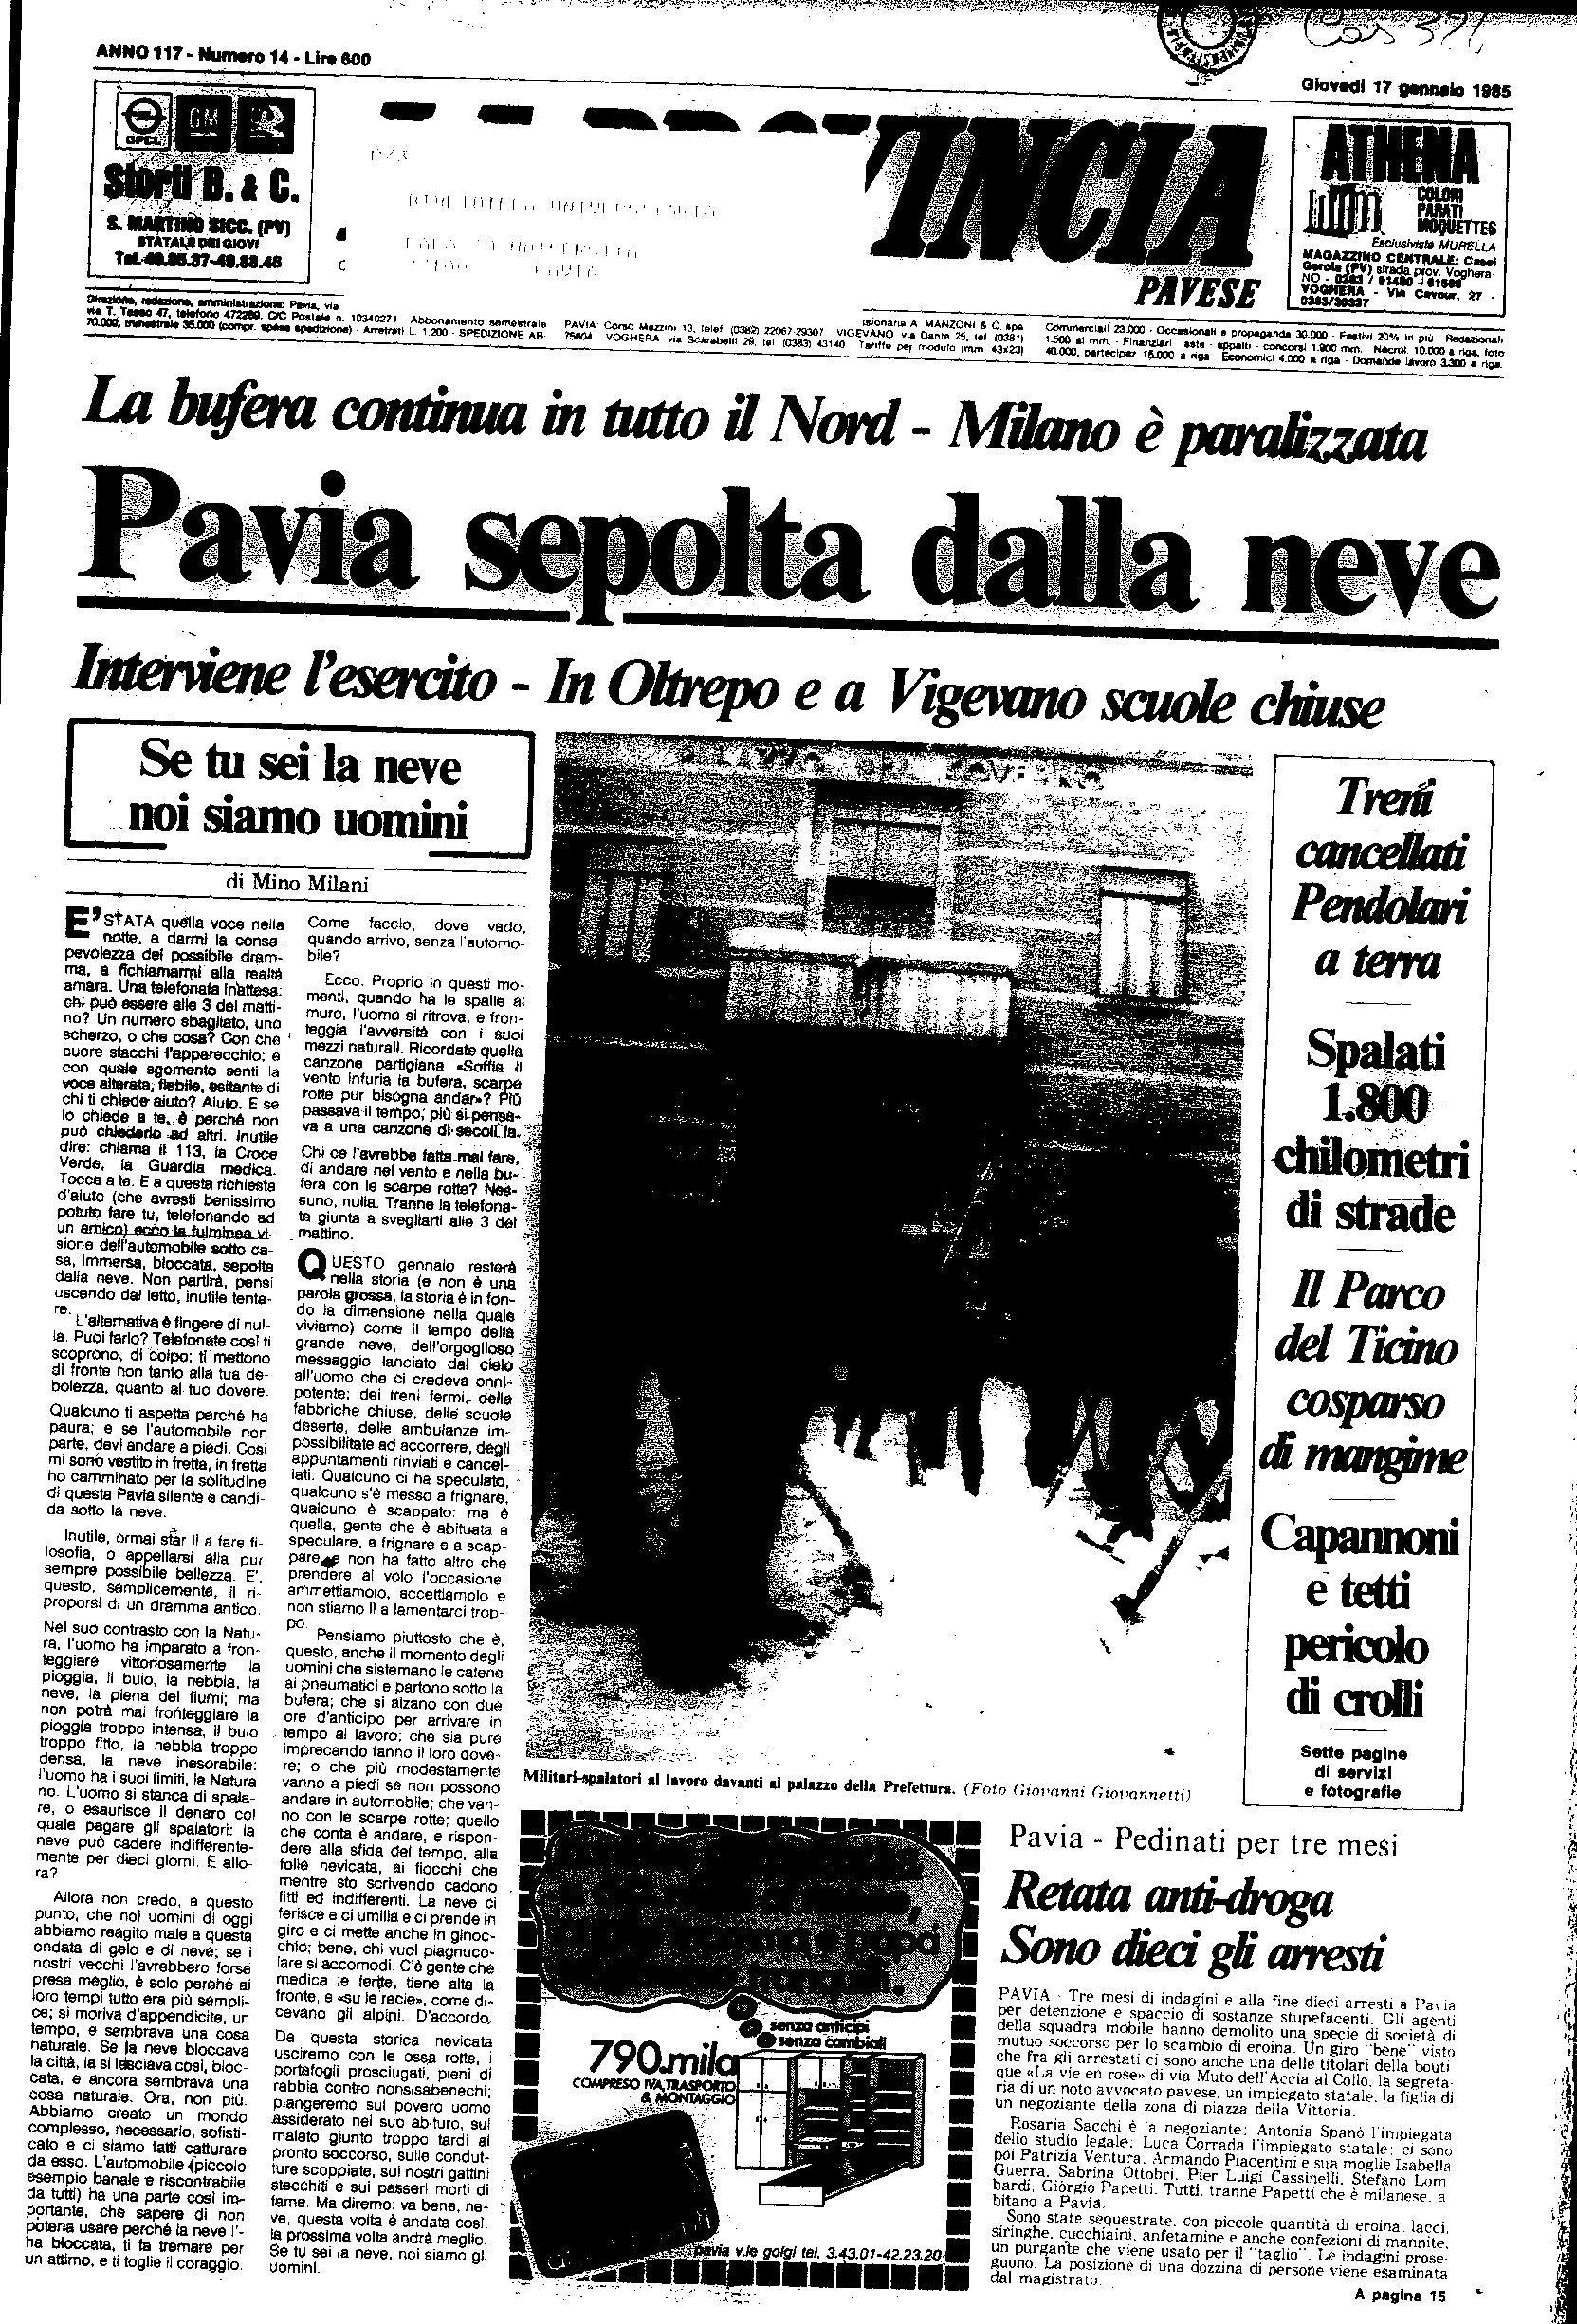 17 gennaio 1985